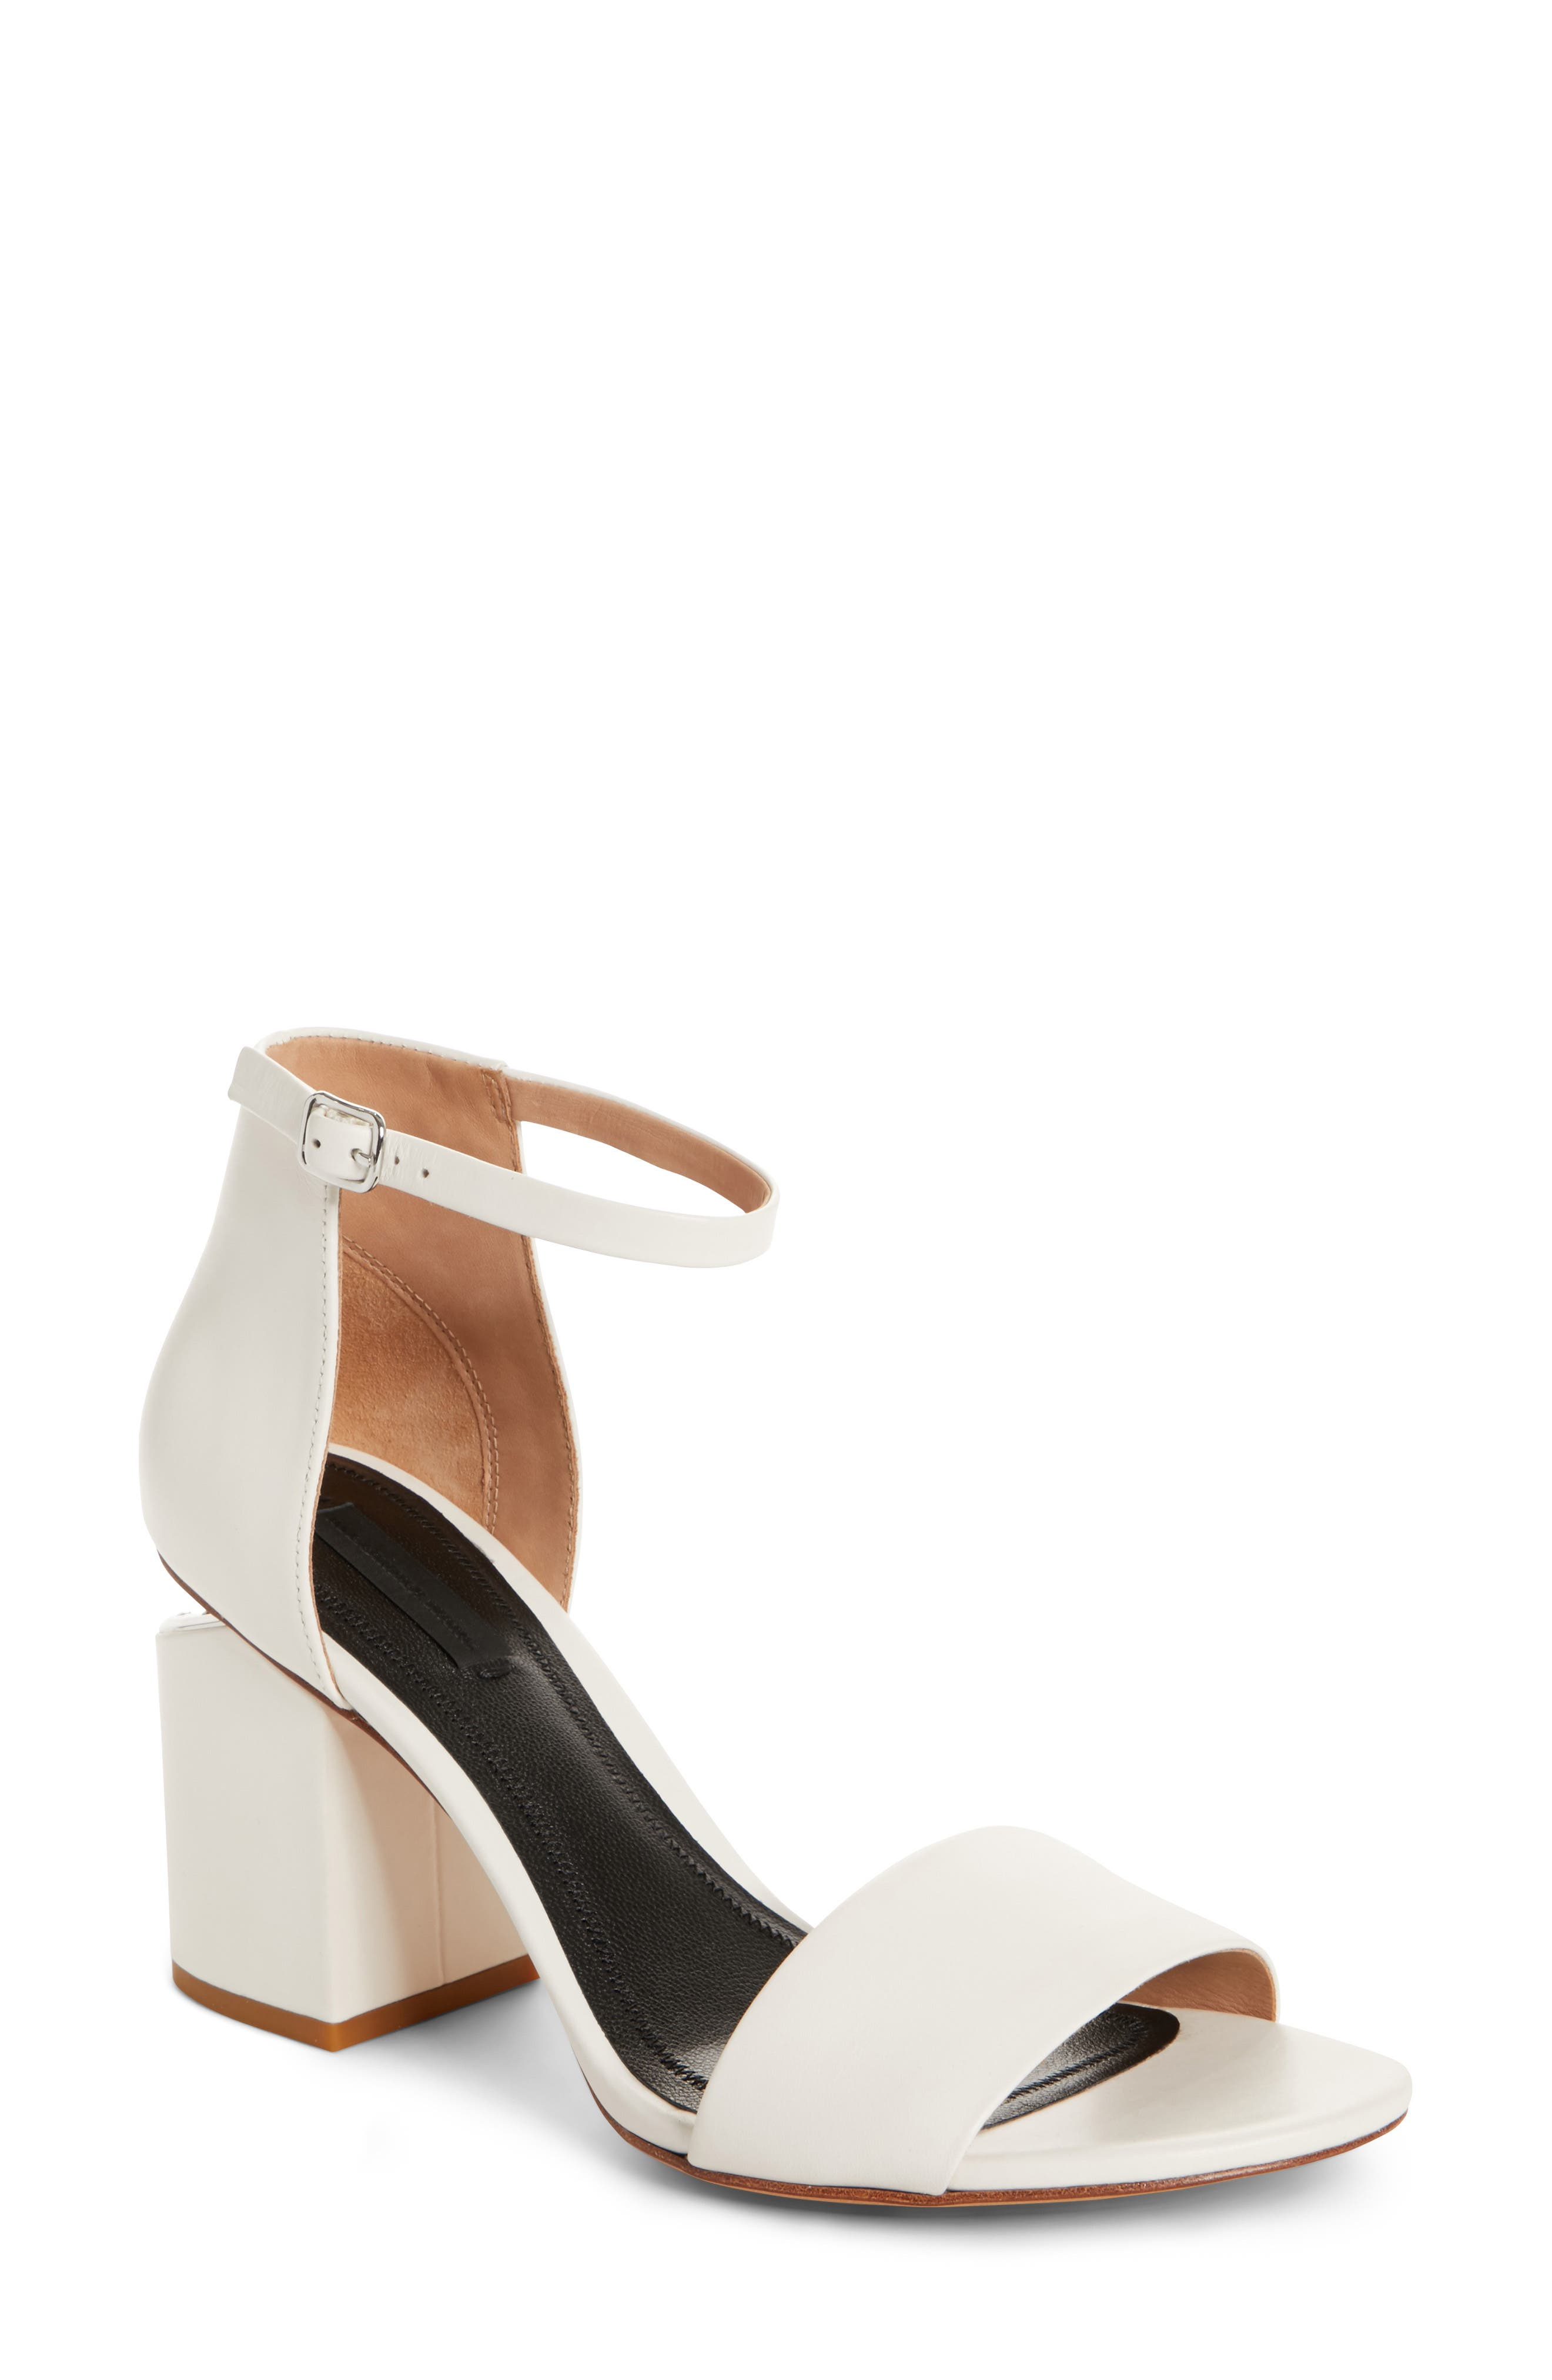 High Quaity Sandals Unisex Bright N56703146